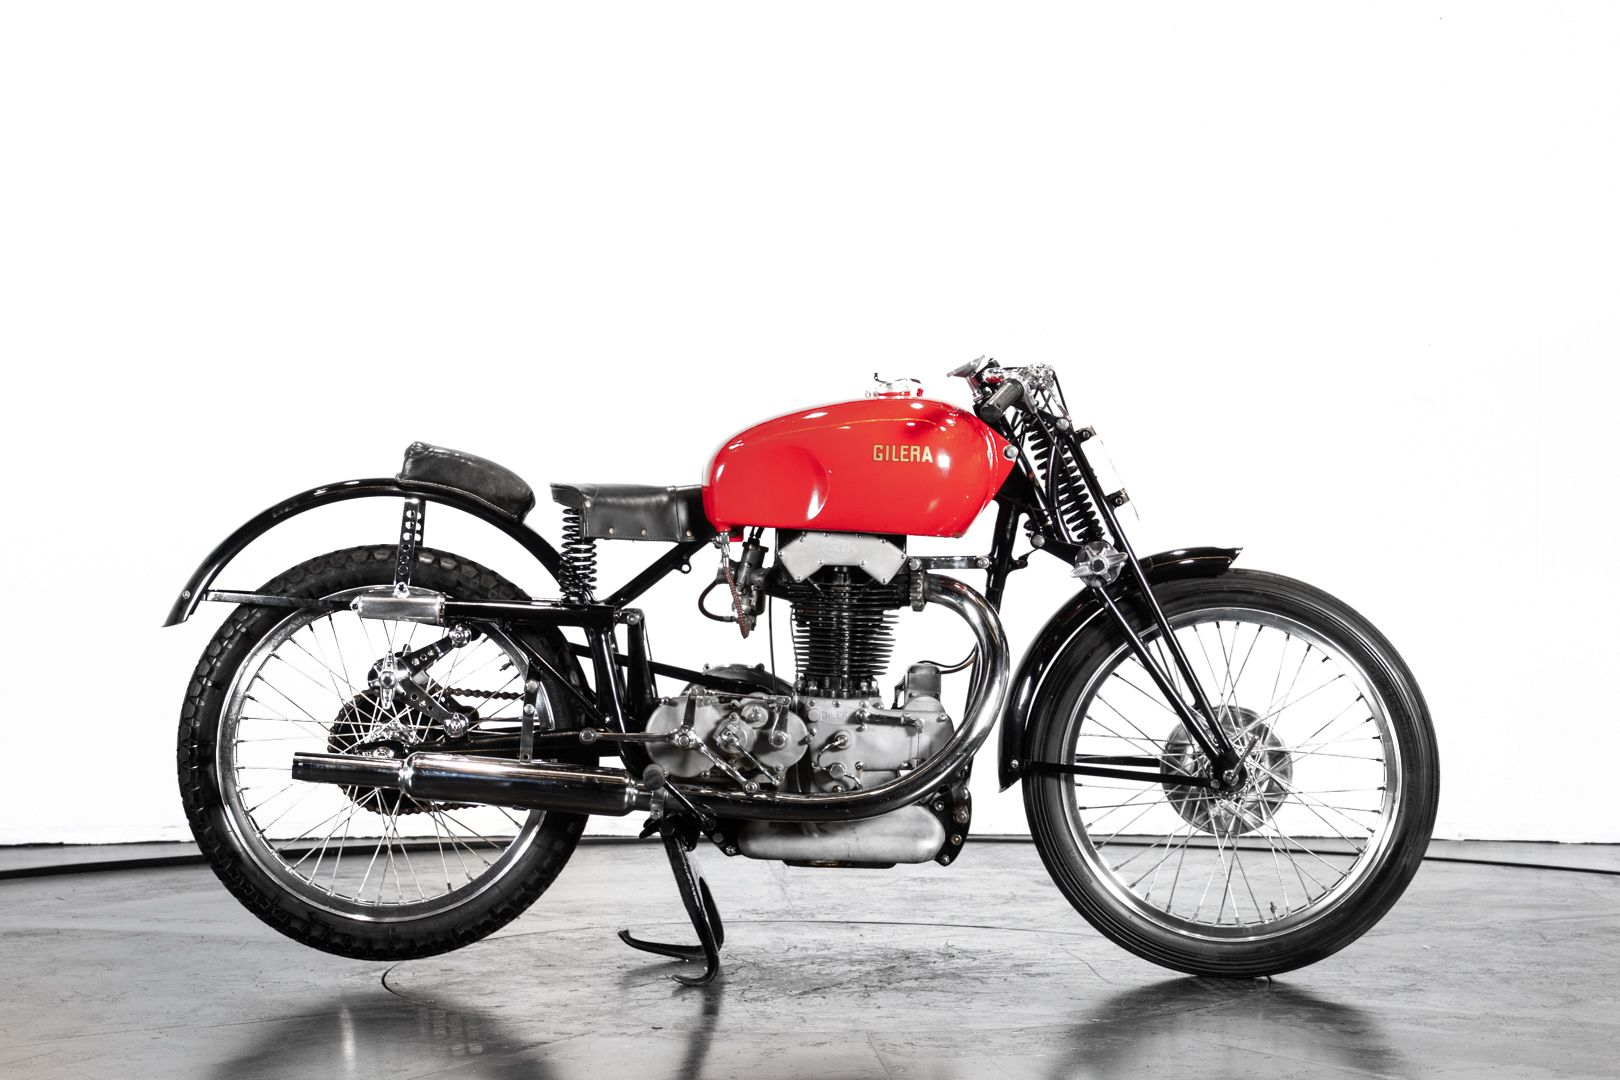 1940 Gilera 500 8 Bulloni 71568